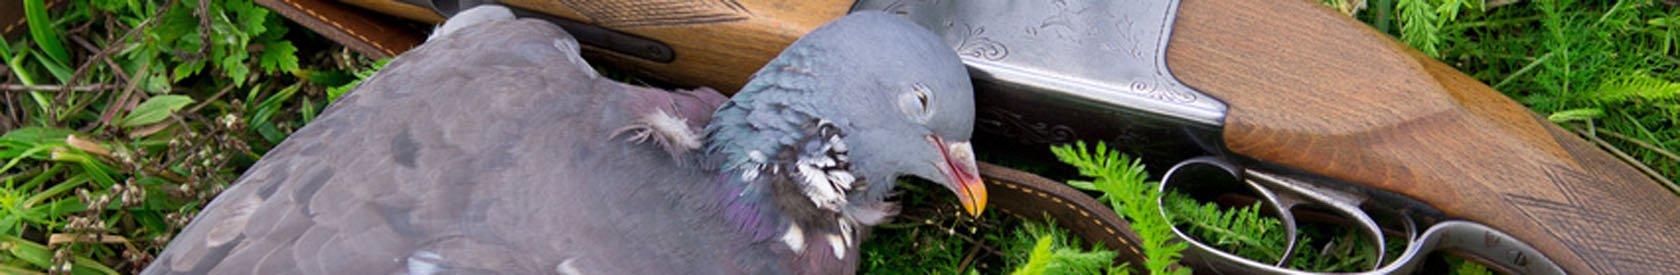 Chasse : plus de 30 millions d'animaux tués chaque année